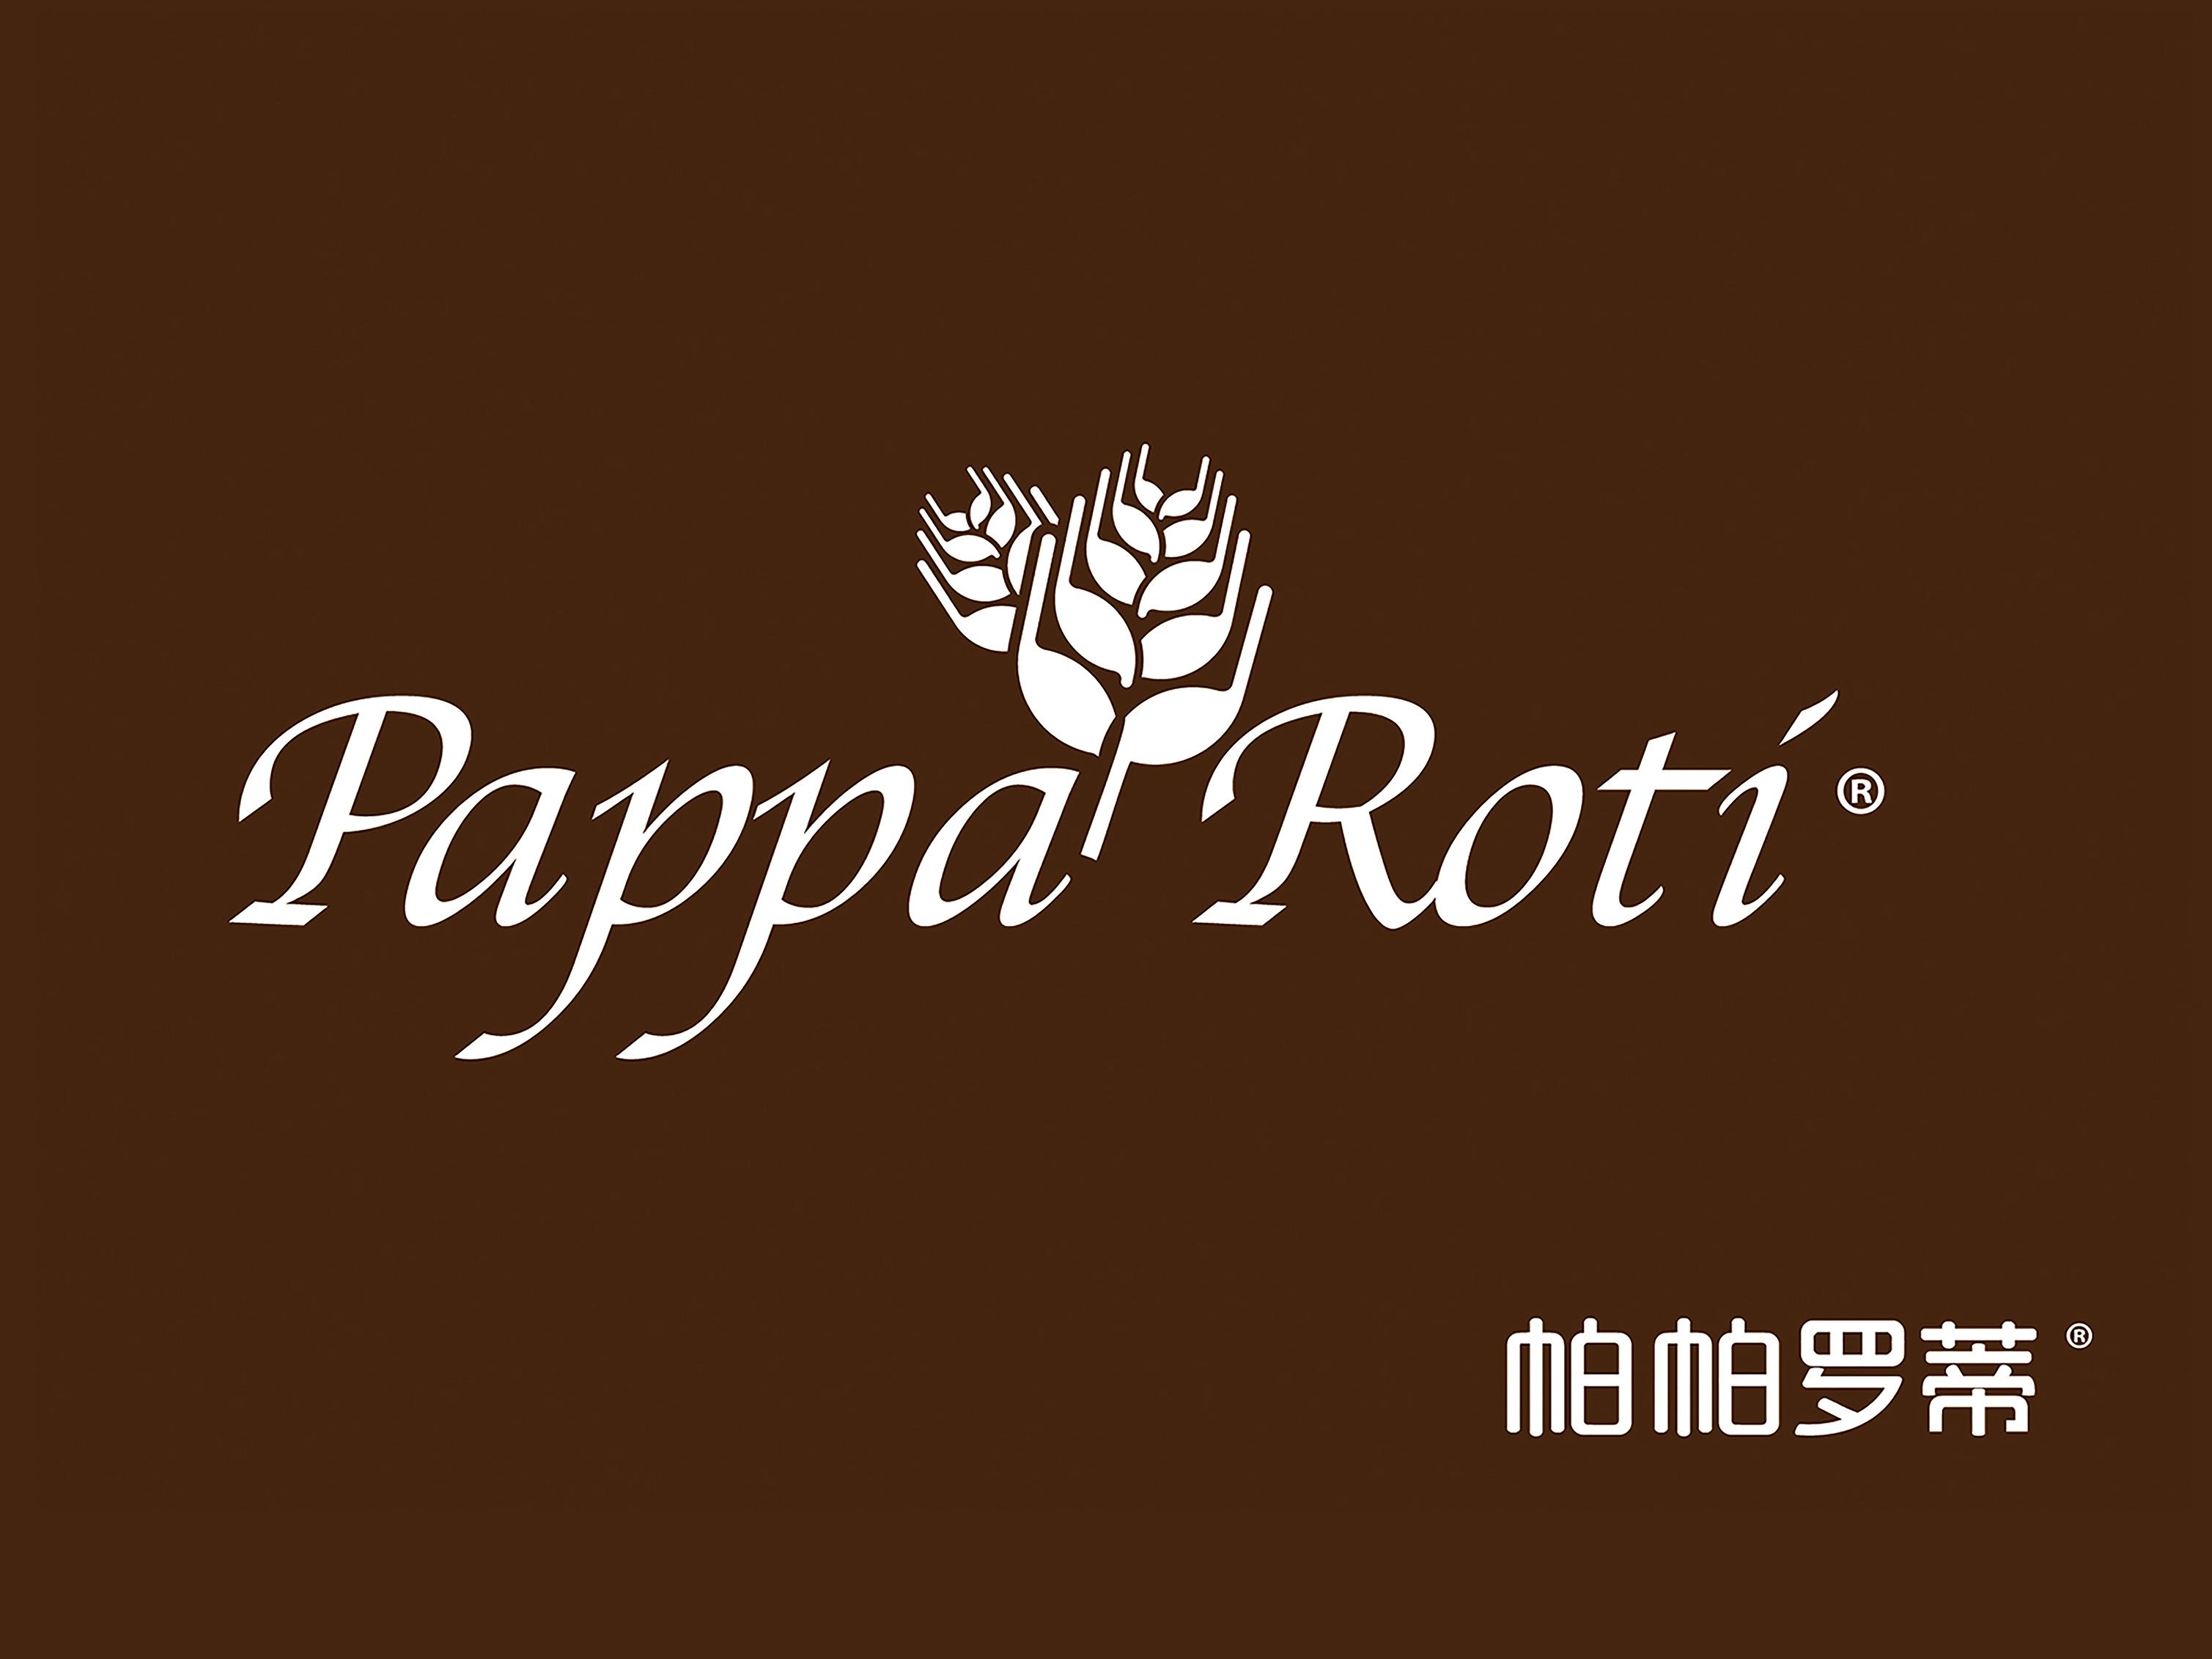 帕帕罗蒂休闲餐饮招商加盟